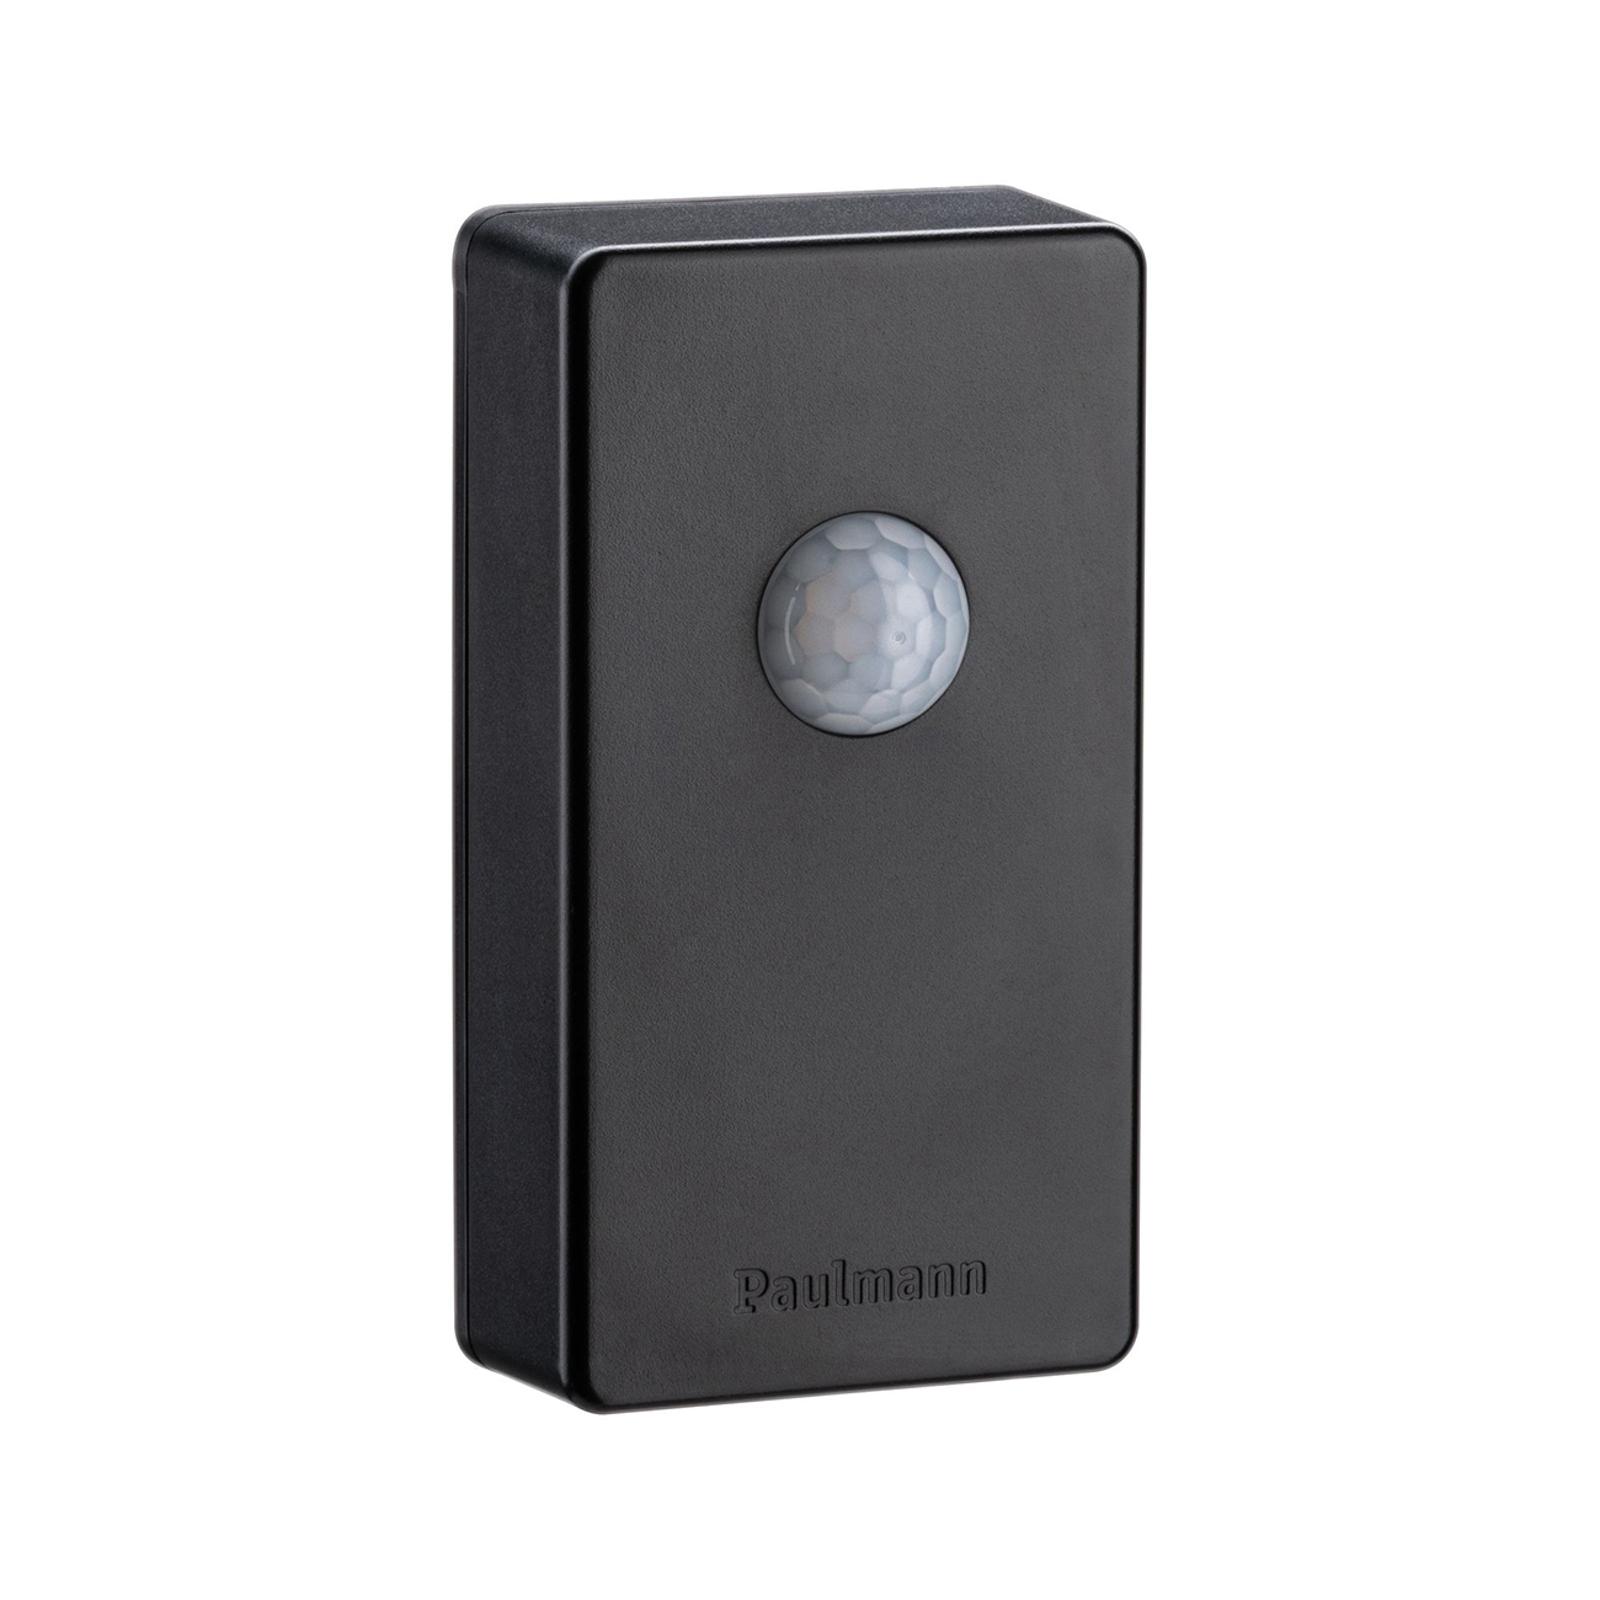 Paulmann Plug & Shine 18012 -liike-/valotunnistin